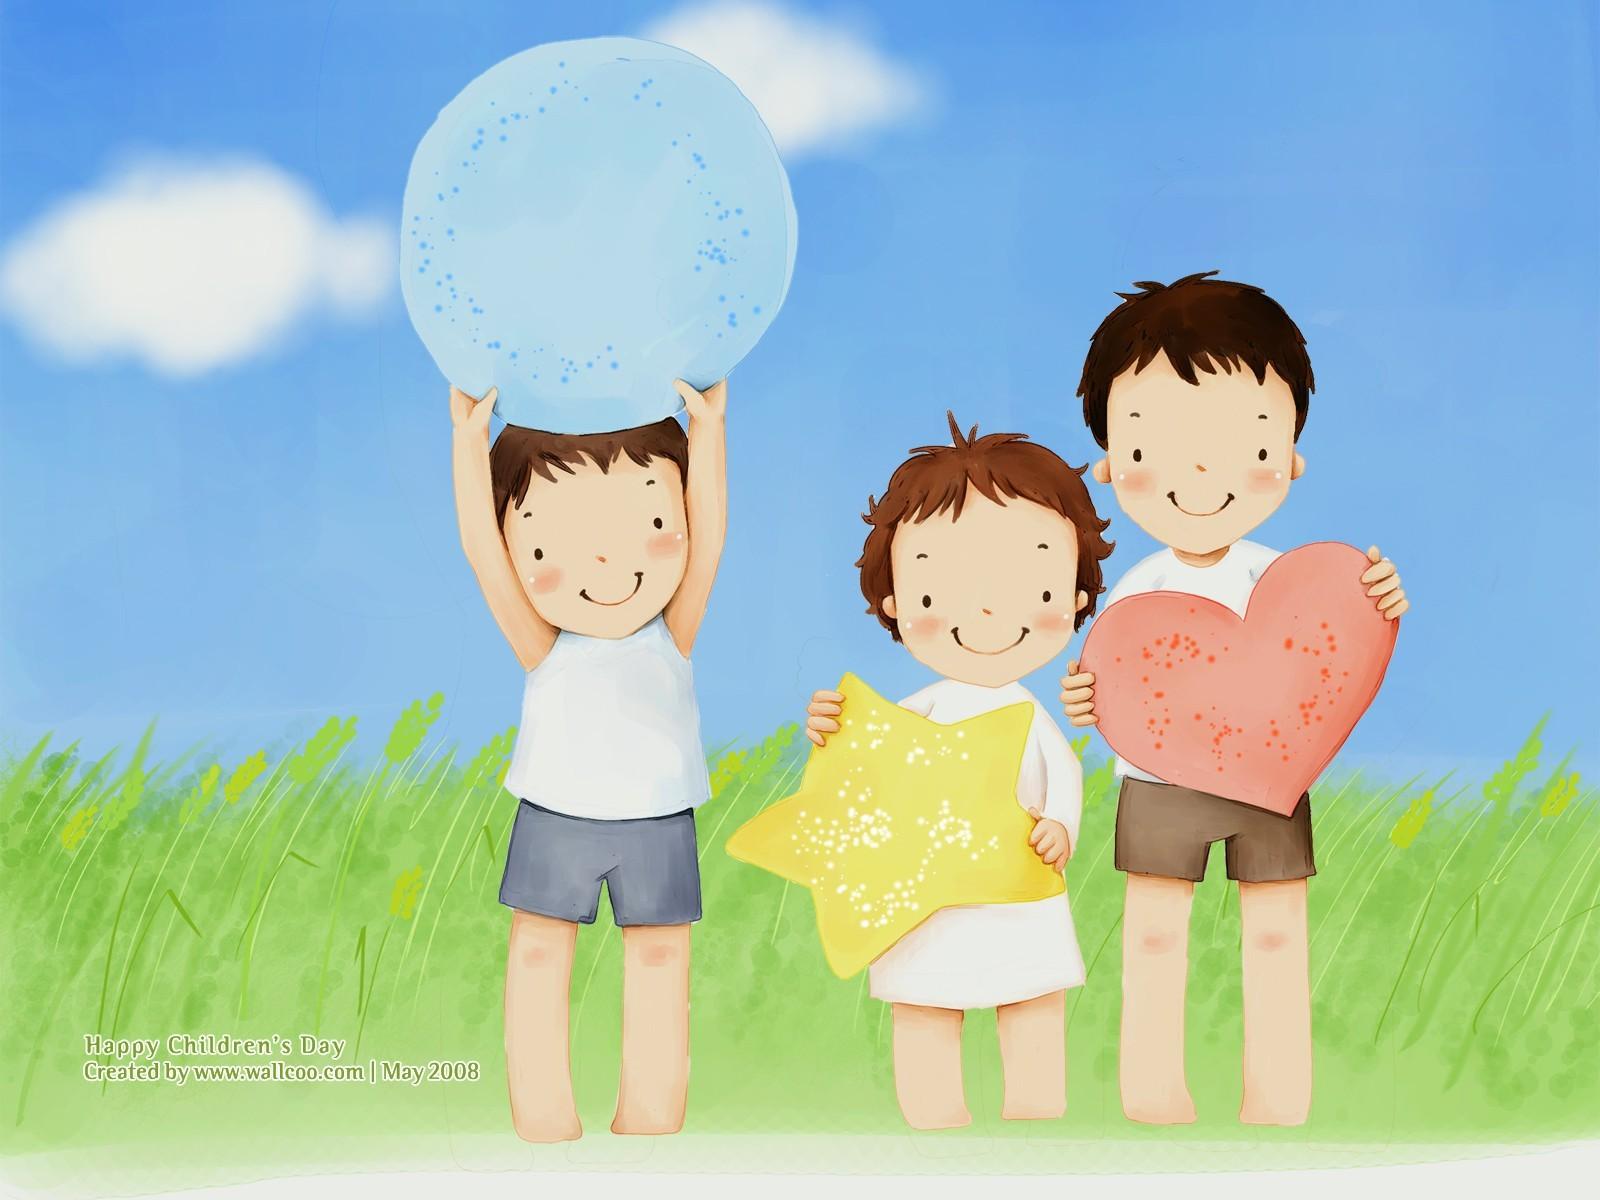 Childrens Day Wallpaper 11 Christian Backgrounds For Children